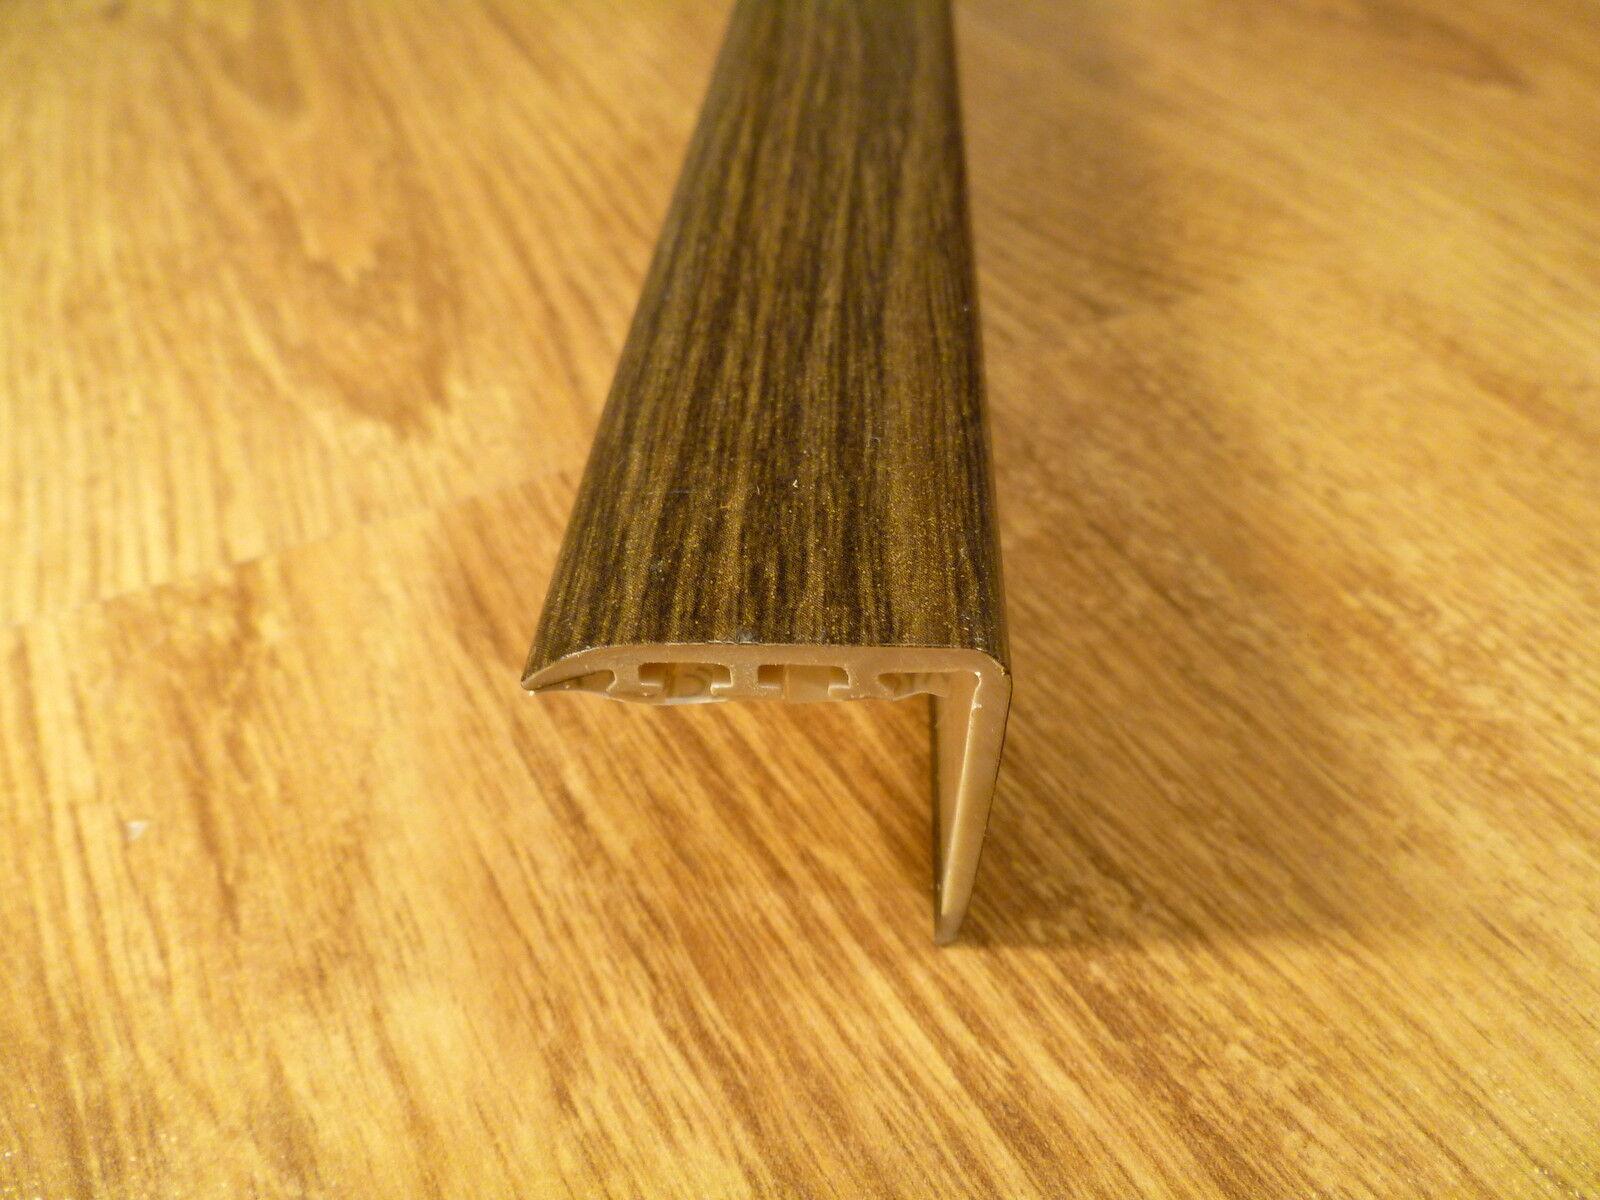 Upvc Wood Effect Stair Edge Nosing Trim Edging Nosing 25